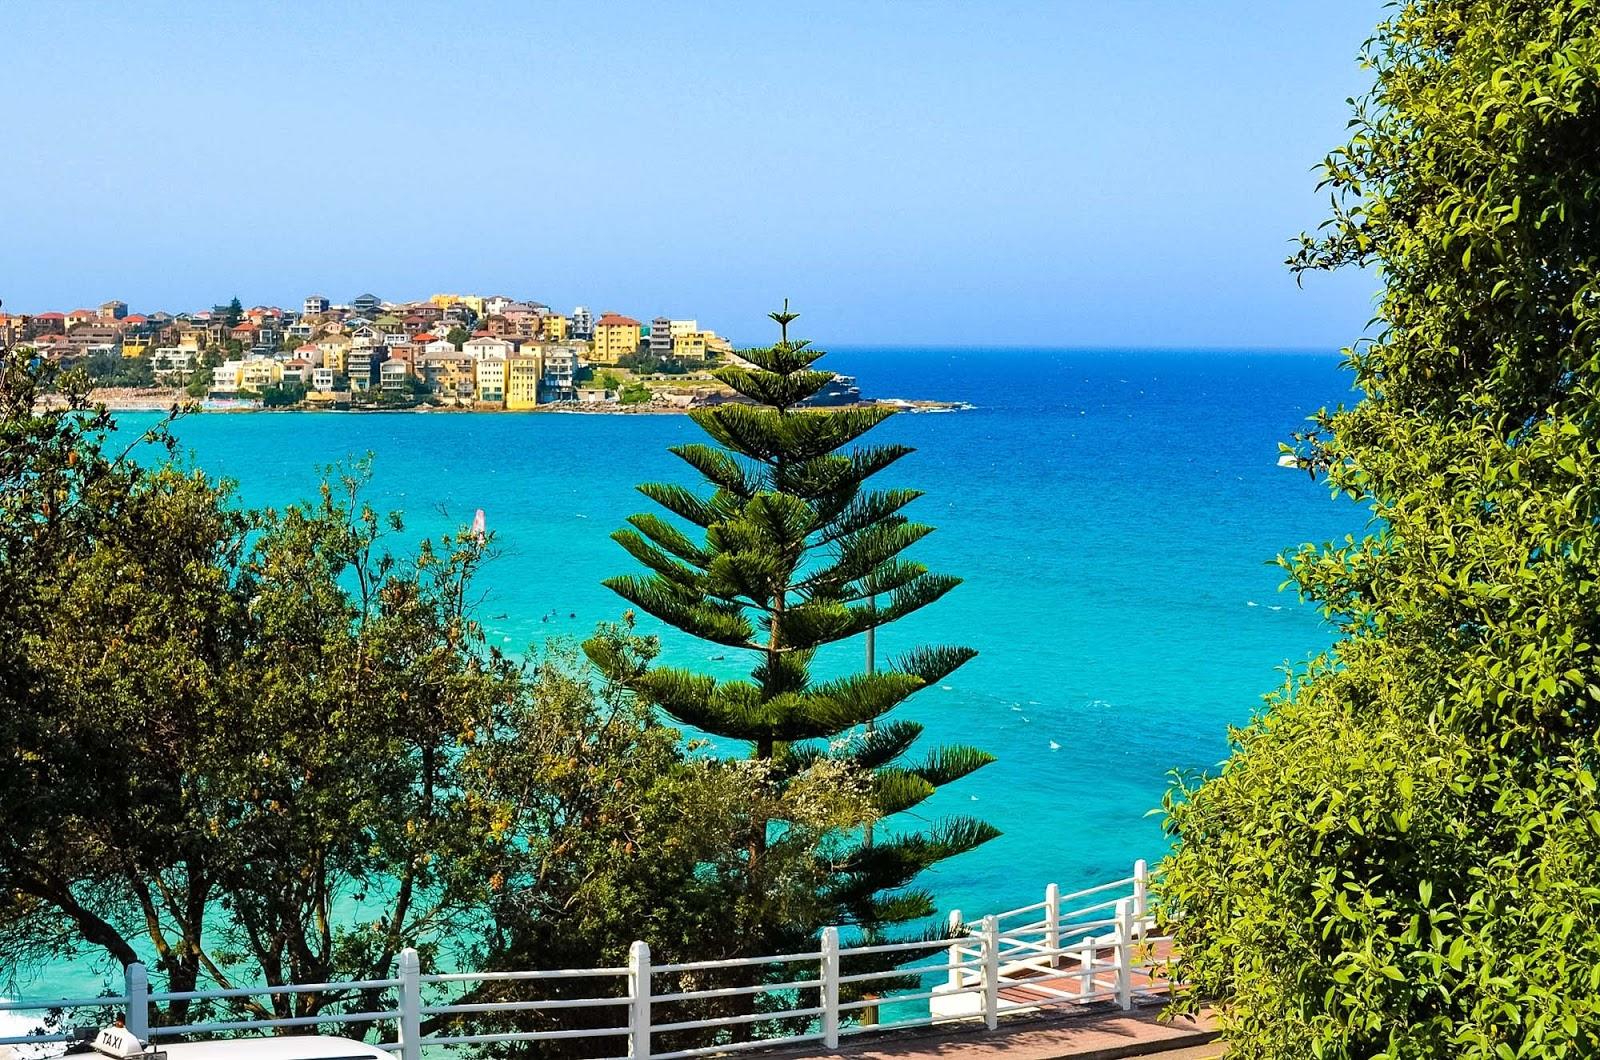 views over bondi beach